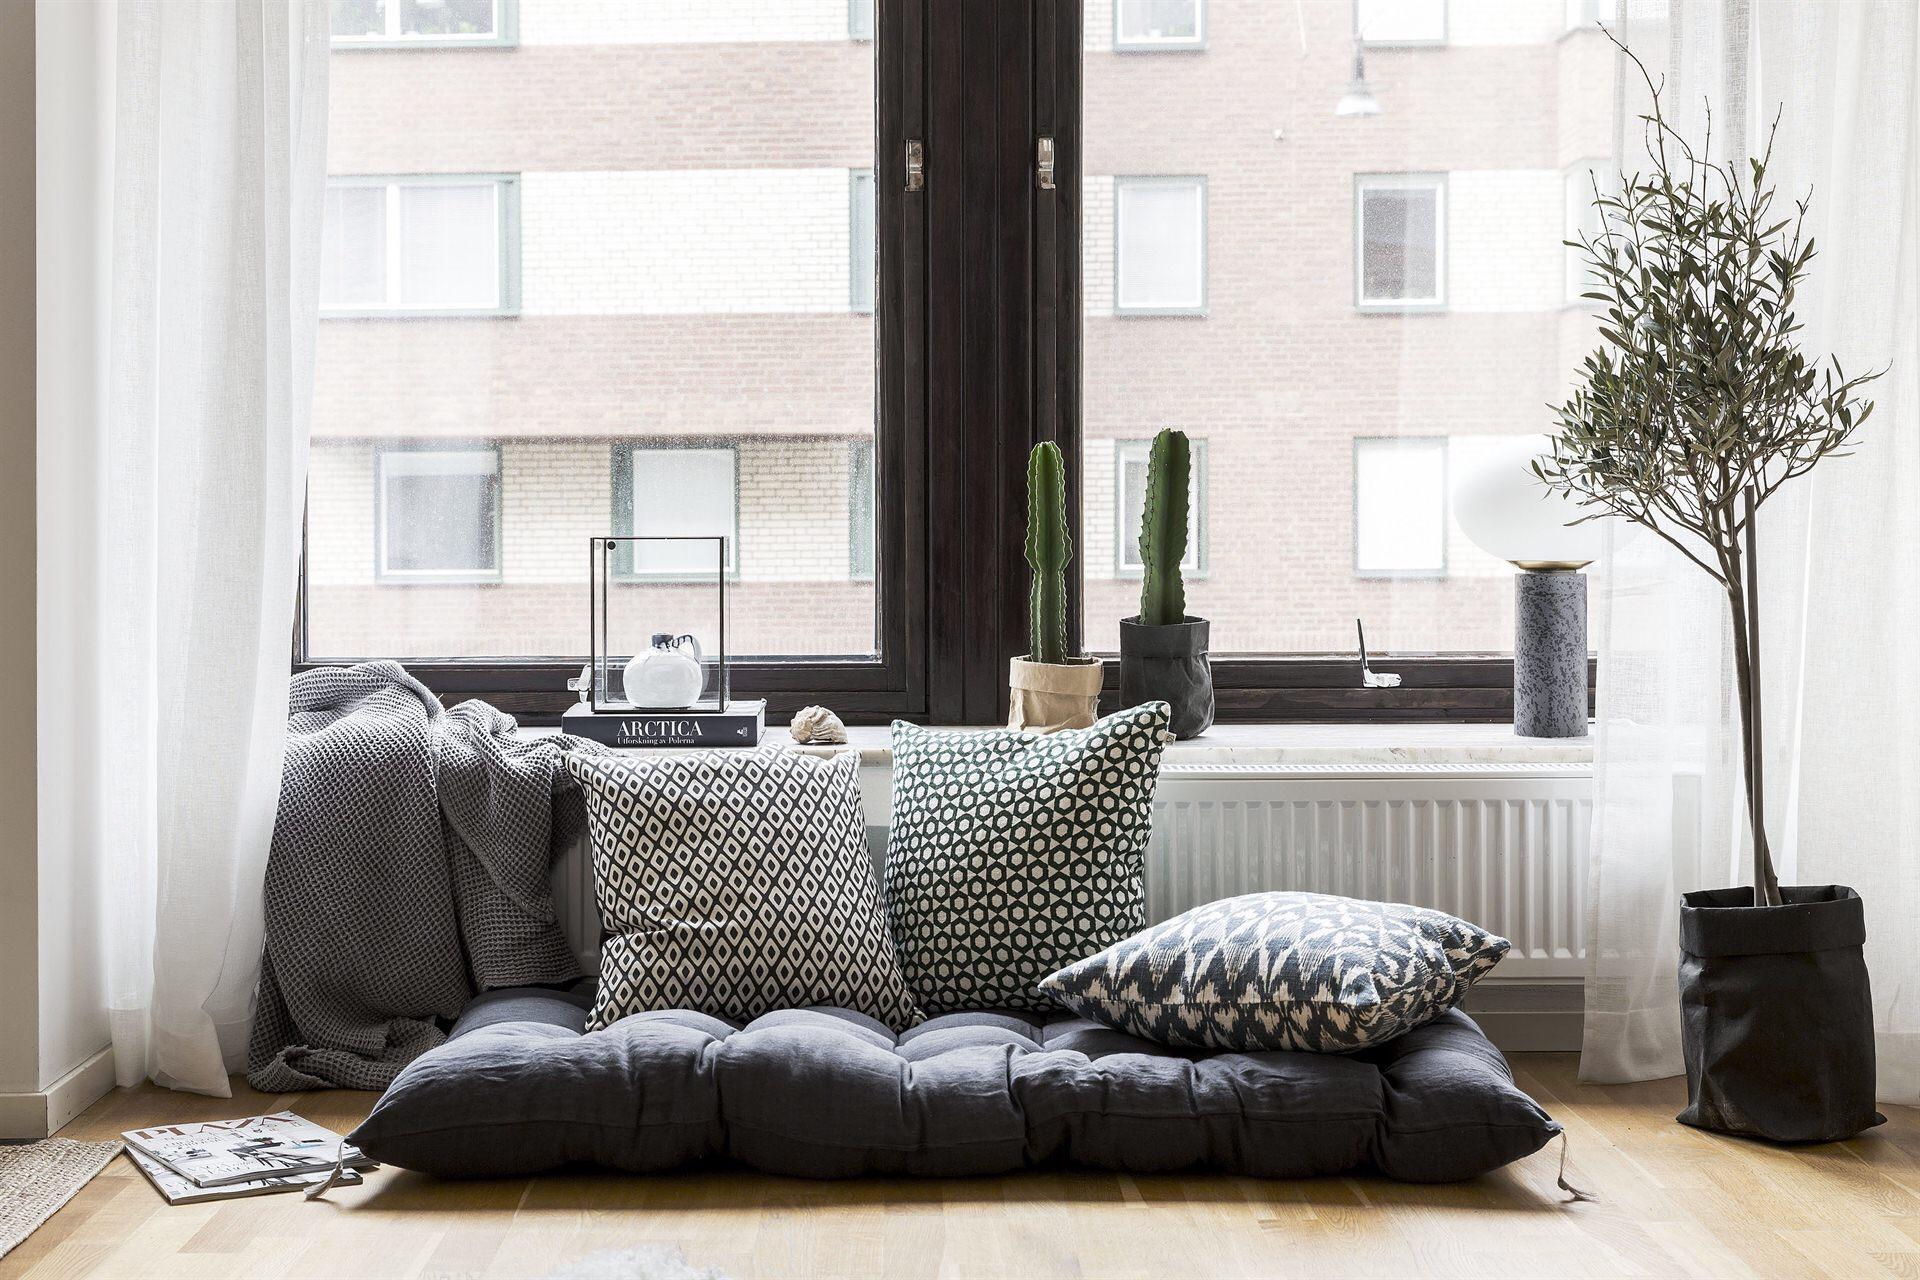 окно темные рамы подоконник подушки матрас деревянный пол комнатное дерево